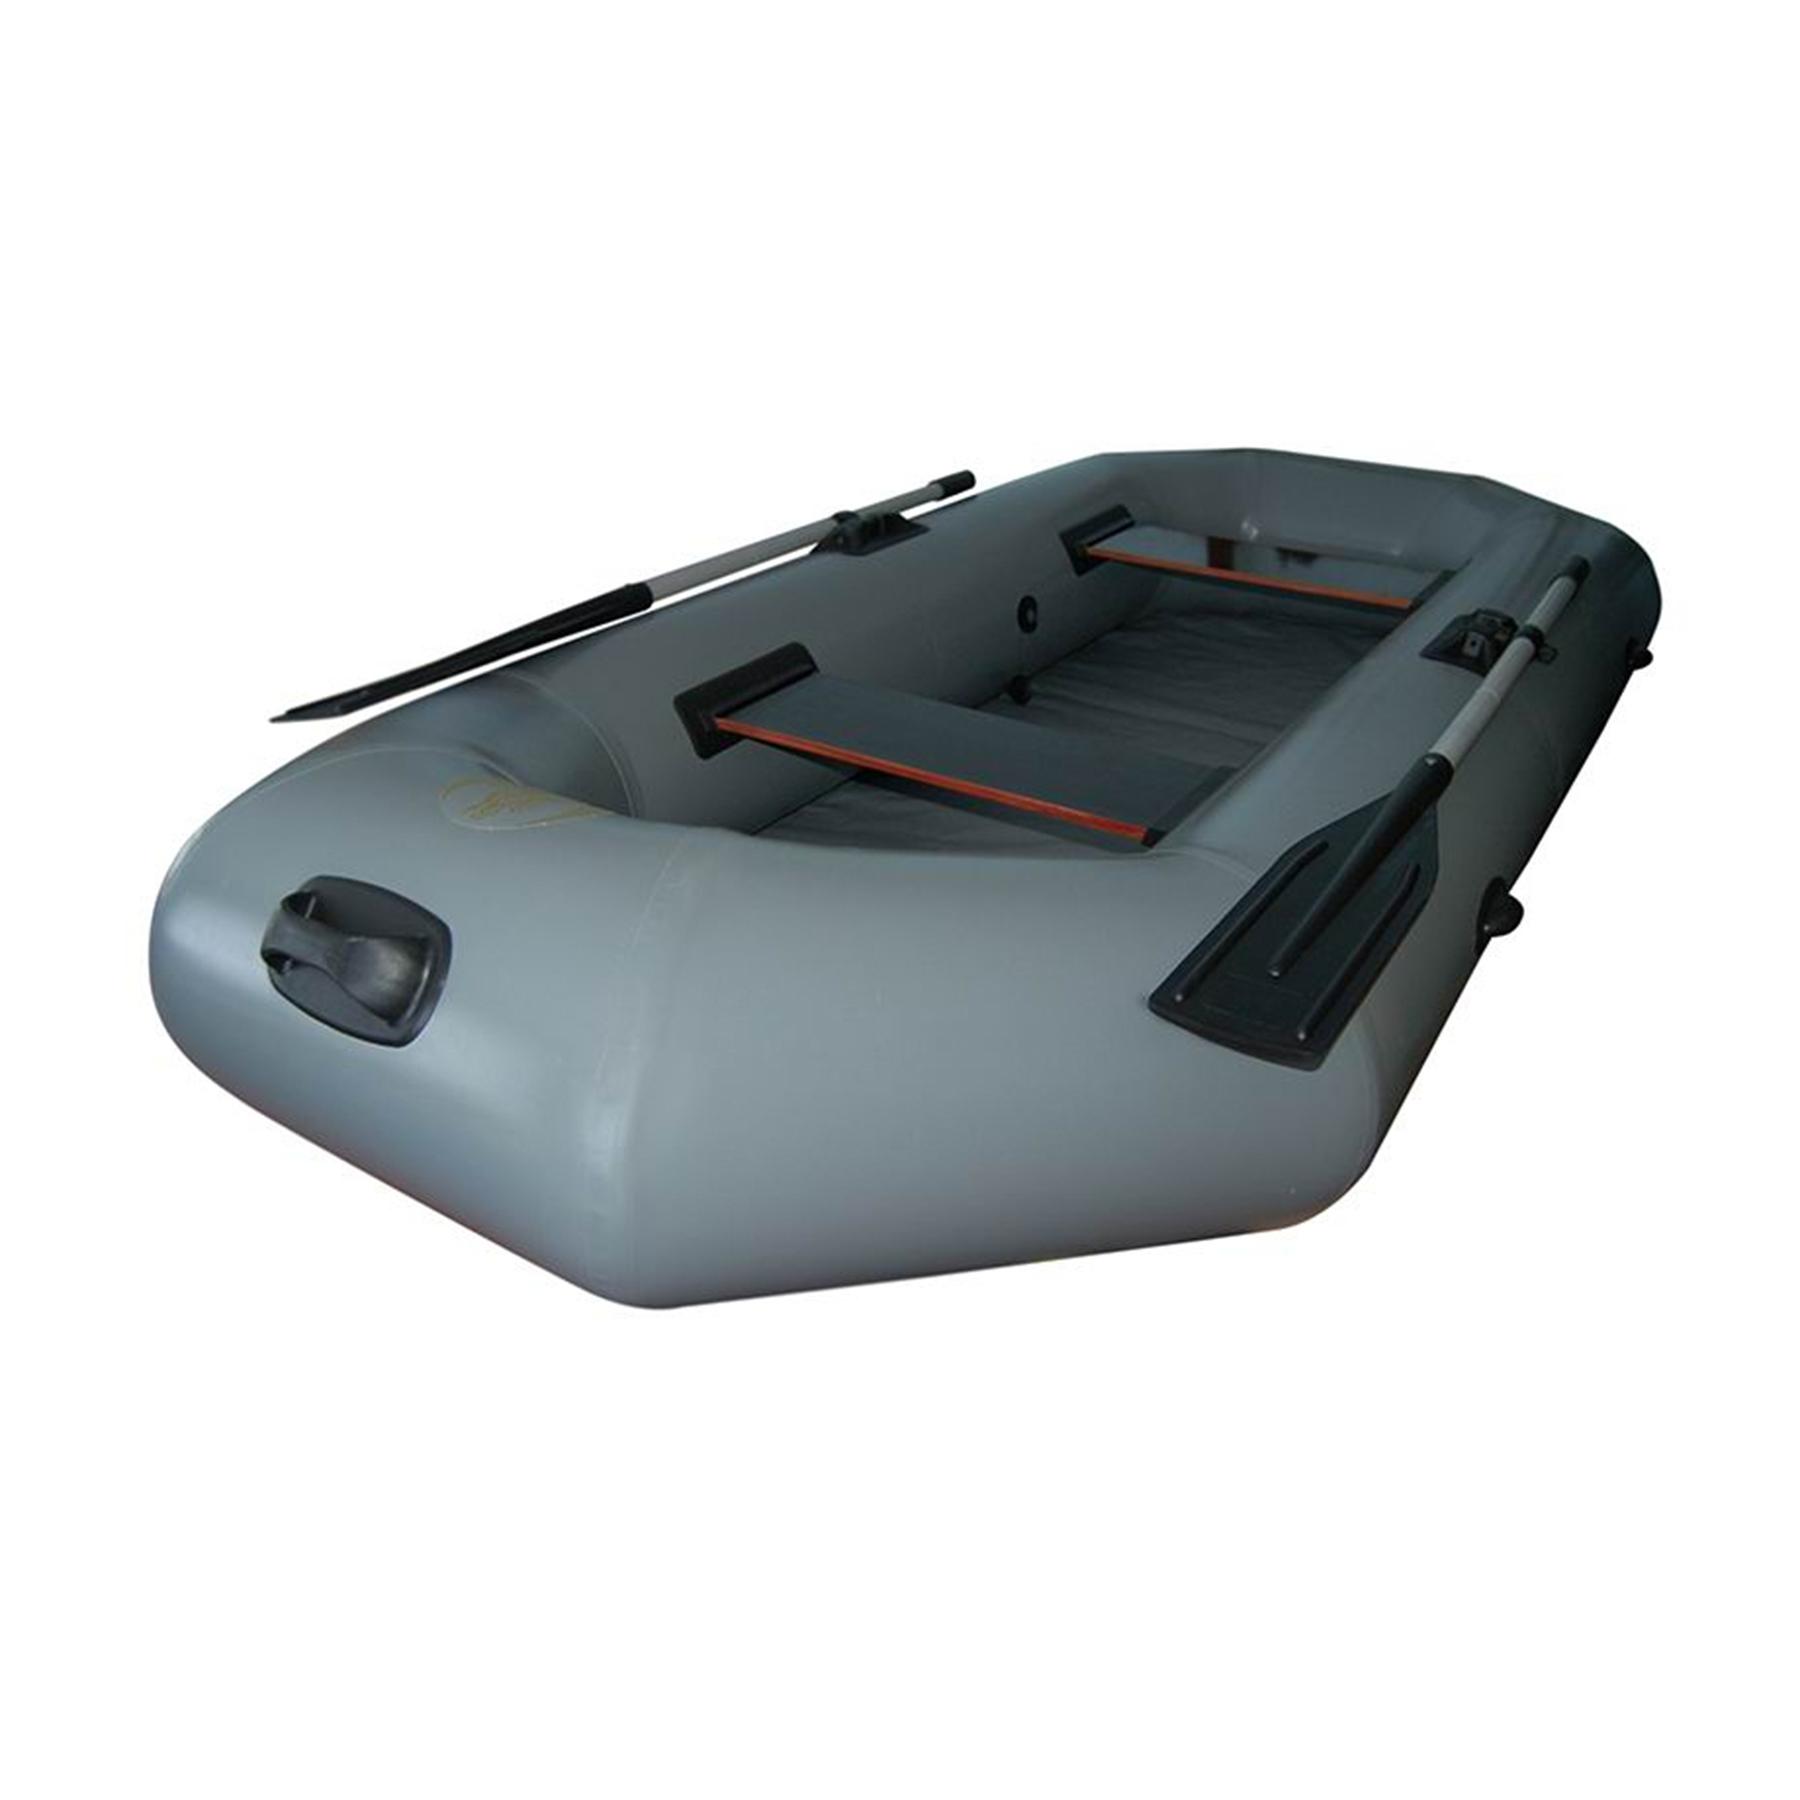 Лодка Олимп - 240 / 245  (240*124см, гр.под.210 кг,2отс.,13 кг,ж.сид.,весла)